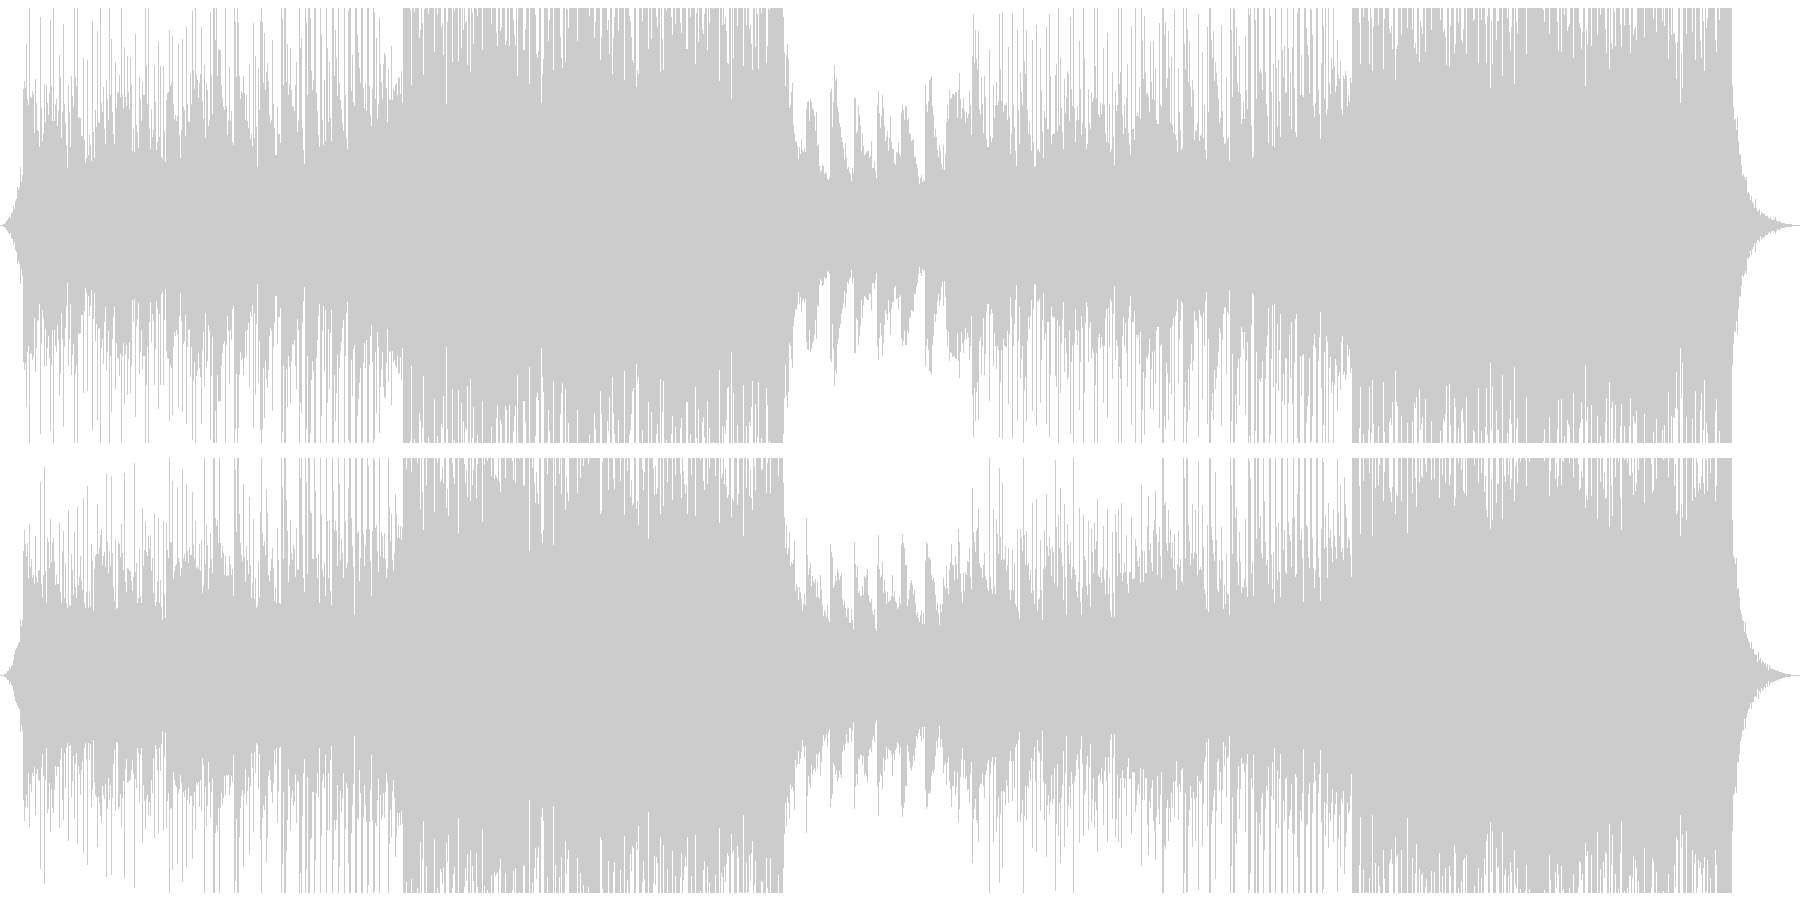 洋楽風 爽やかでクールなトロピカルハウスの未再生の波形